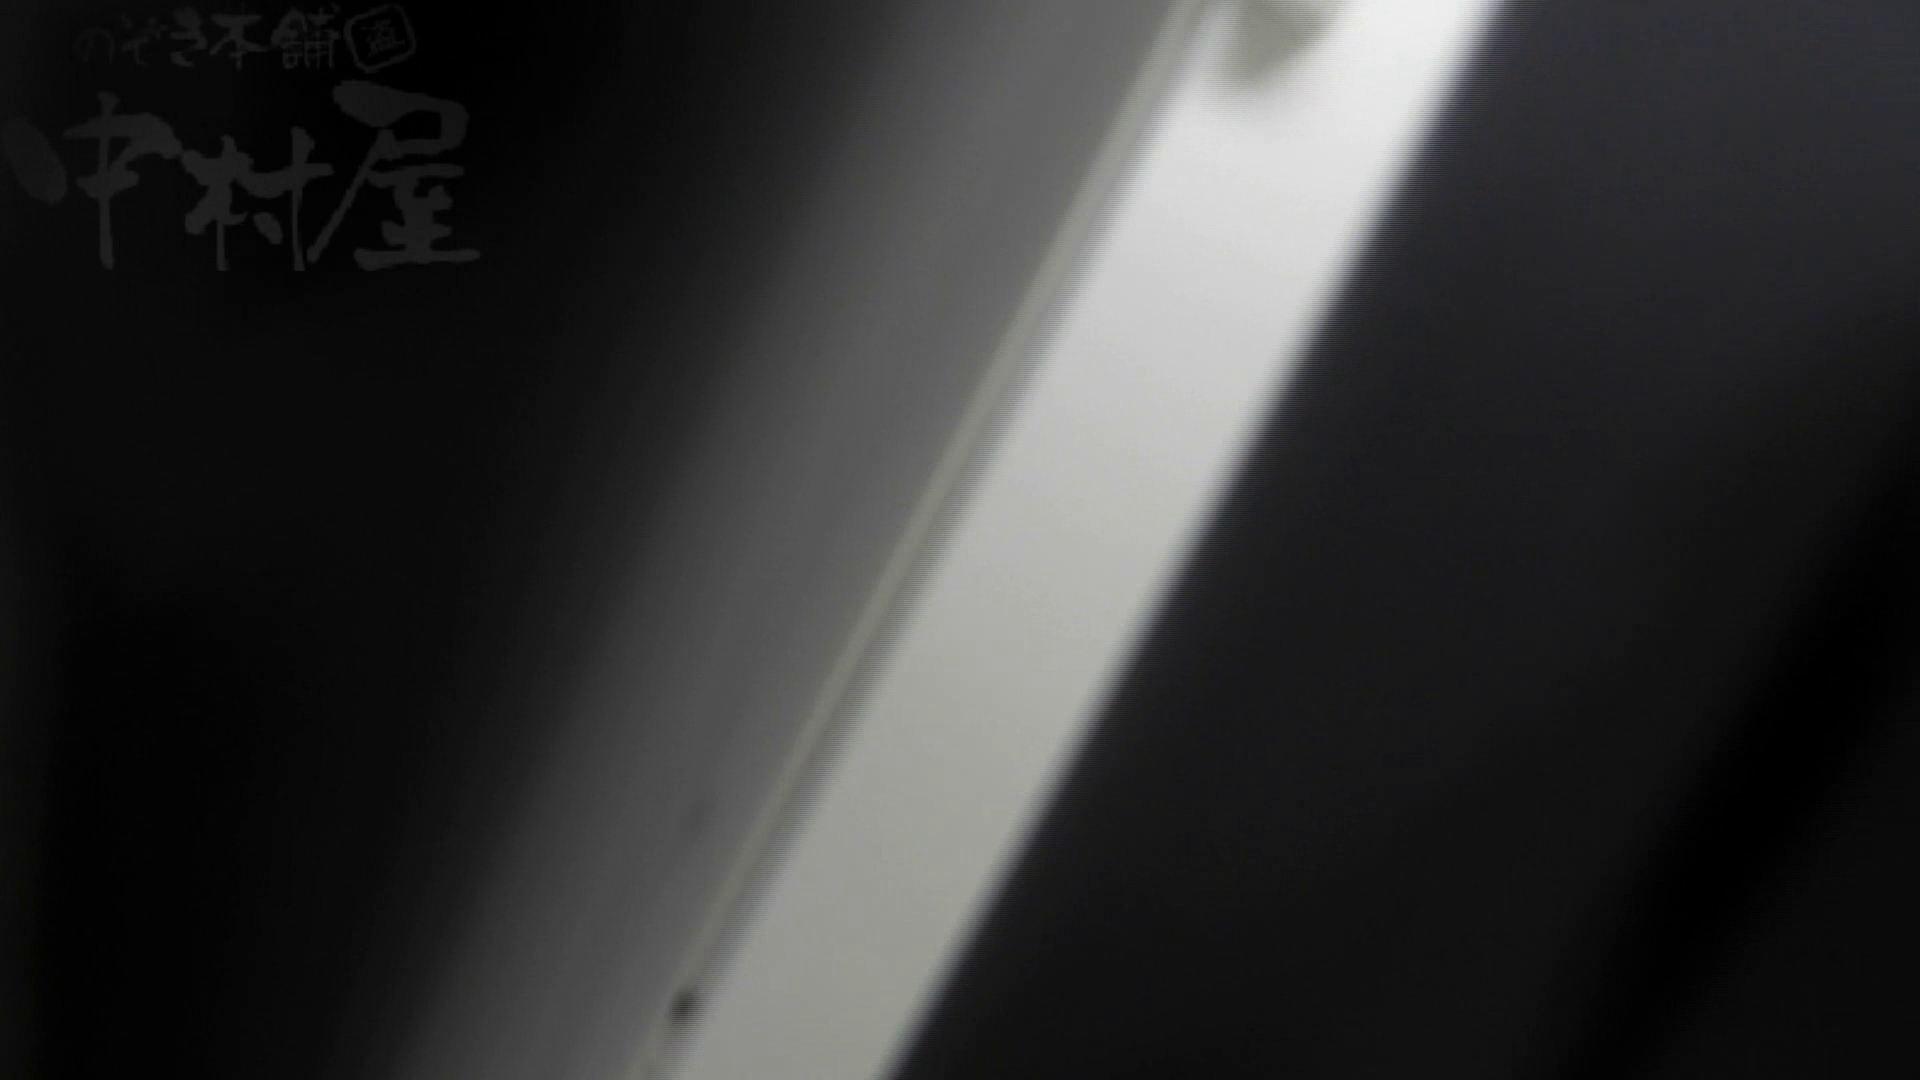 美しい日本の未来 No.17 結構大変!瞬間移動かーらーのっ、隙間撮り! 盗撮大放出 盗撮画像 22連発 14